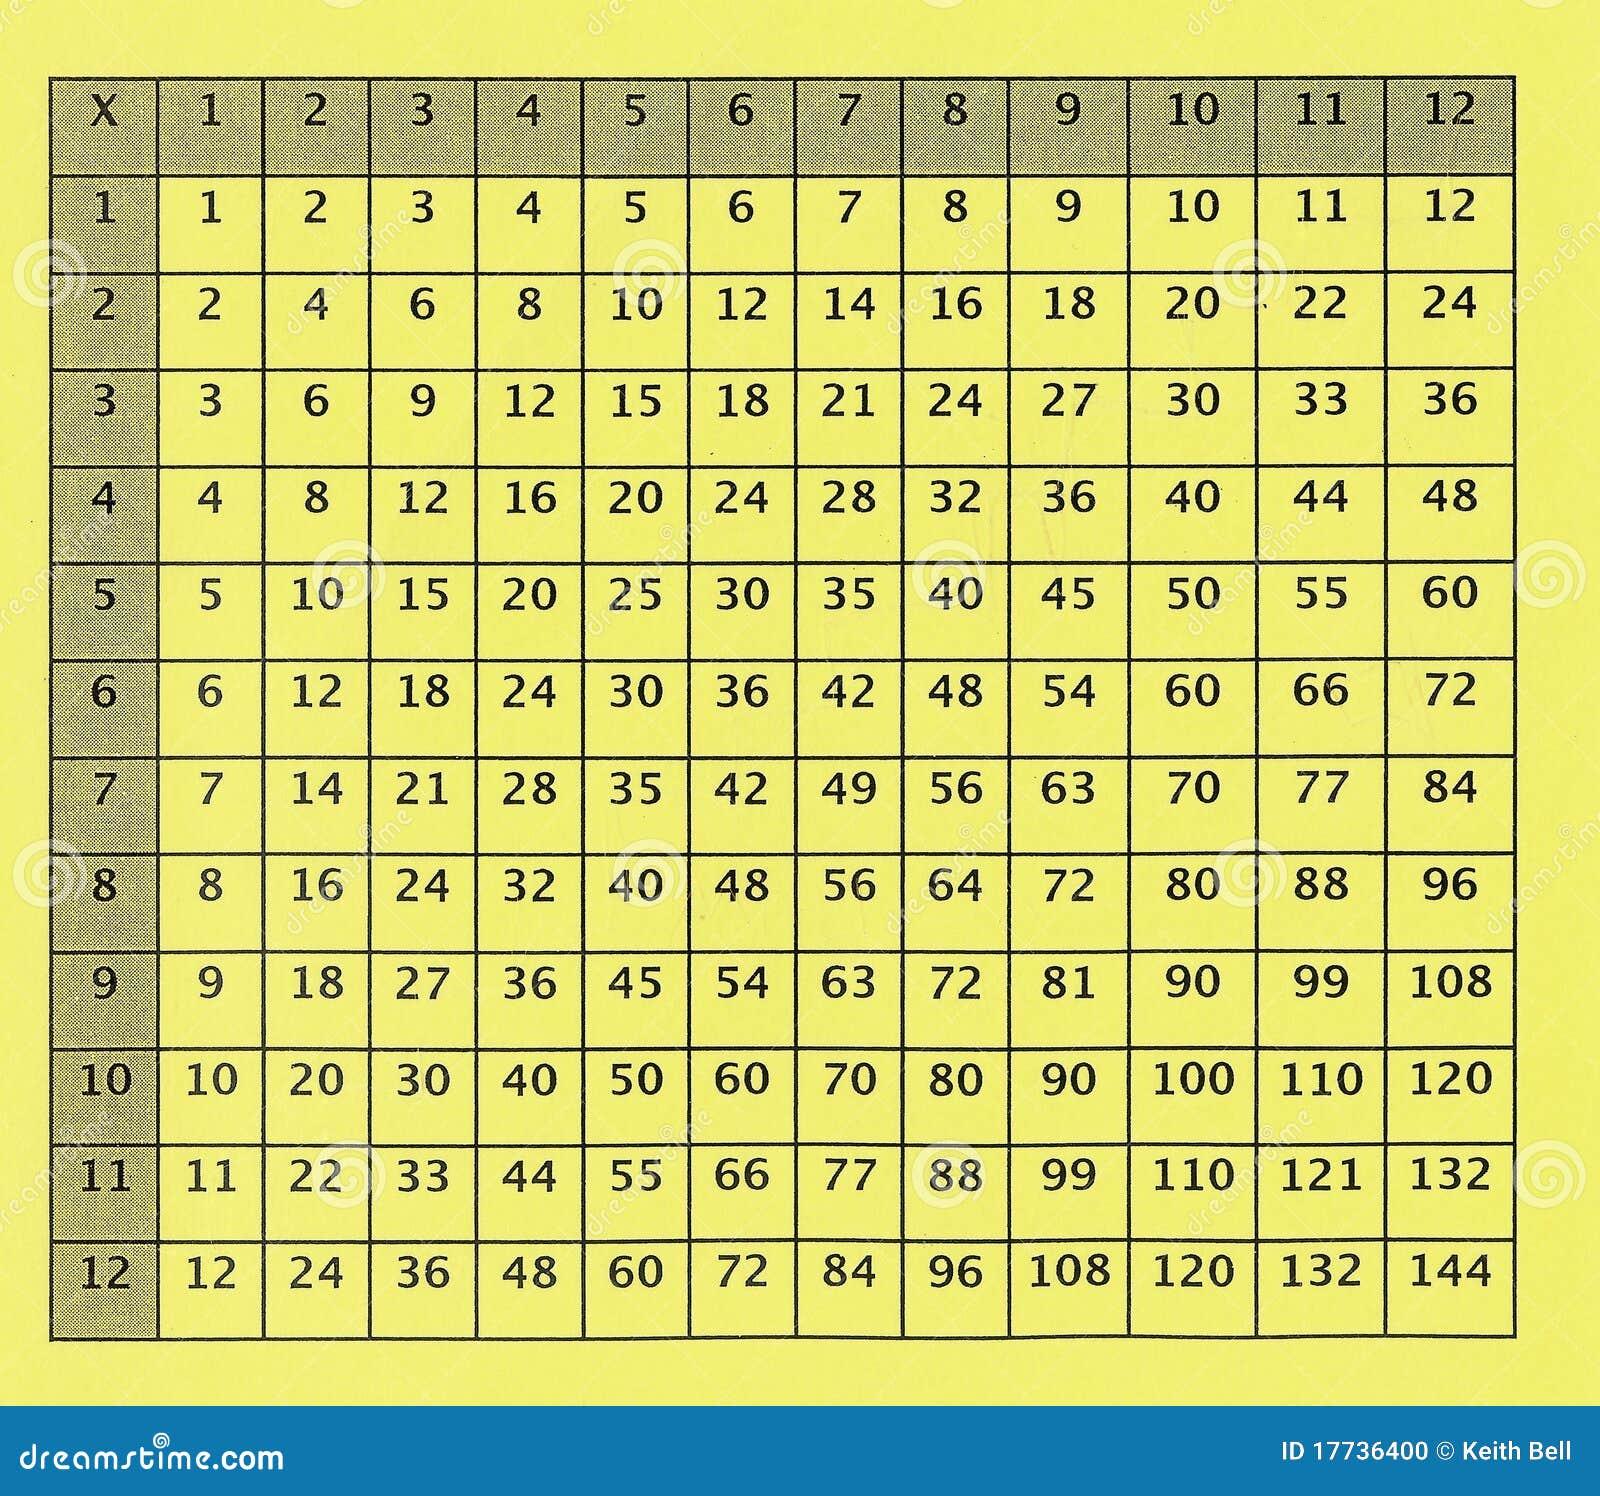 Vieux tableau de multiplication pour l 39 cole primaire - Tableau tables de multiplication ...